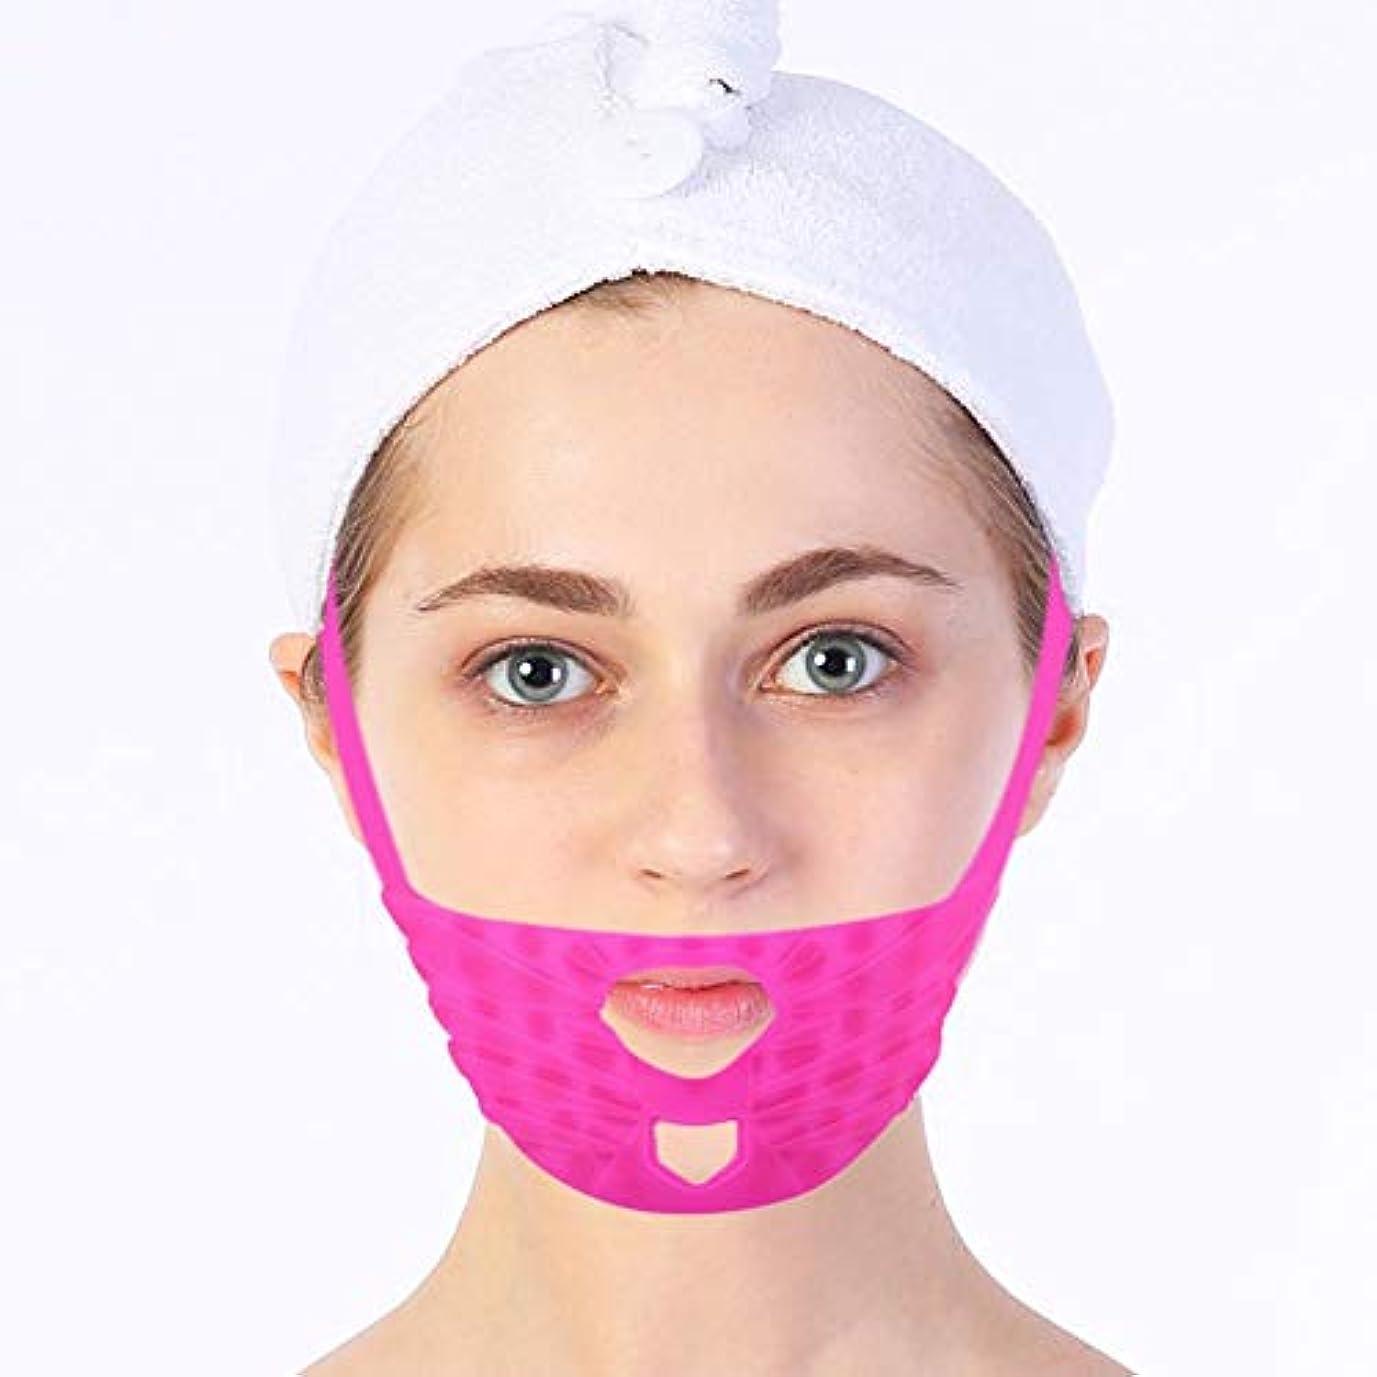 未亡人腐敗したペレグリネーションSemmeフェイシャルリフティング引き締め痩身マスク、マッサージフェイスシリコン包帯Vラインマスク首の圧縮二重あご、変更ダブルチェーンマスク引き締まった肌を減らす